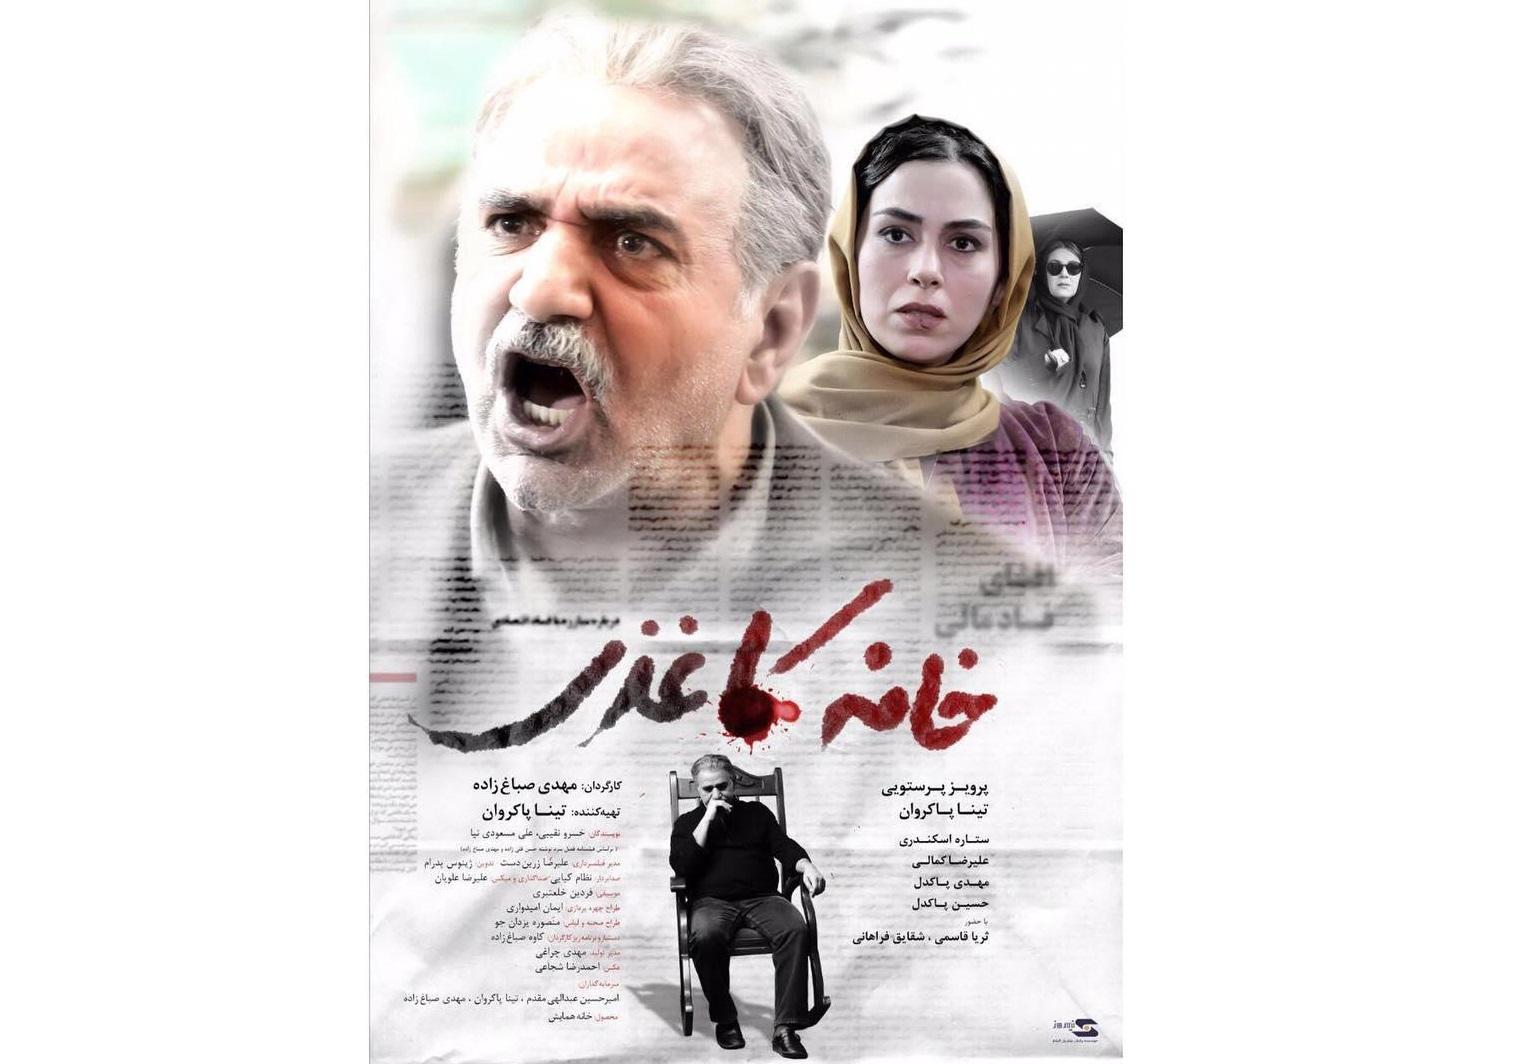 دورهمی بازیگران سینمای ایران در لس آنجلس+ عکس